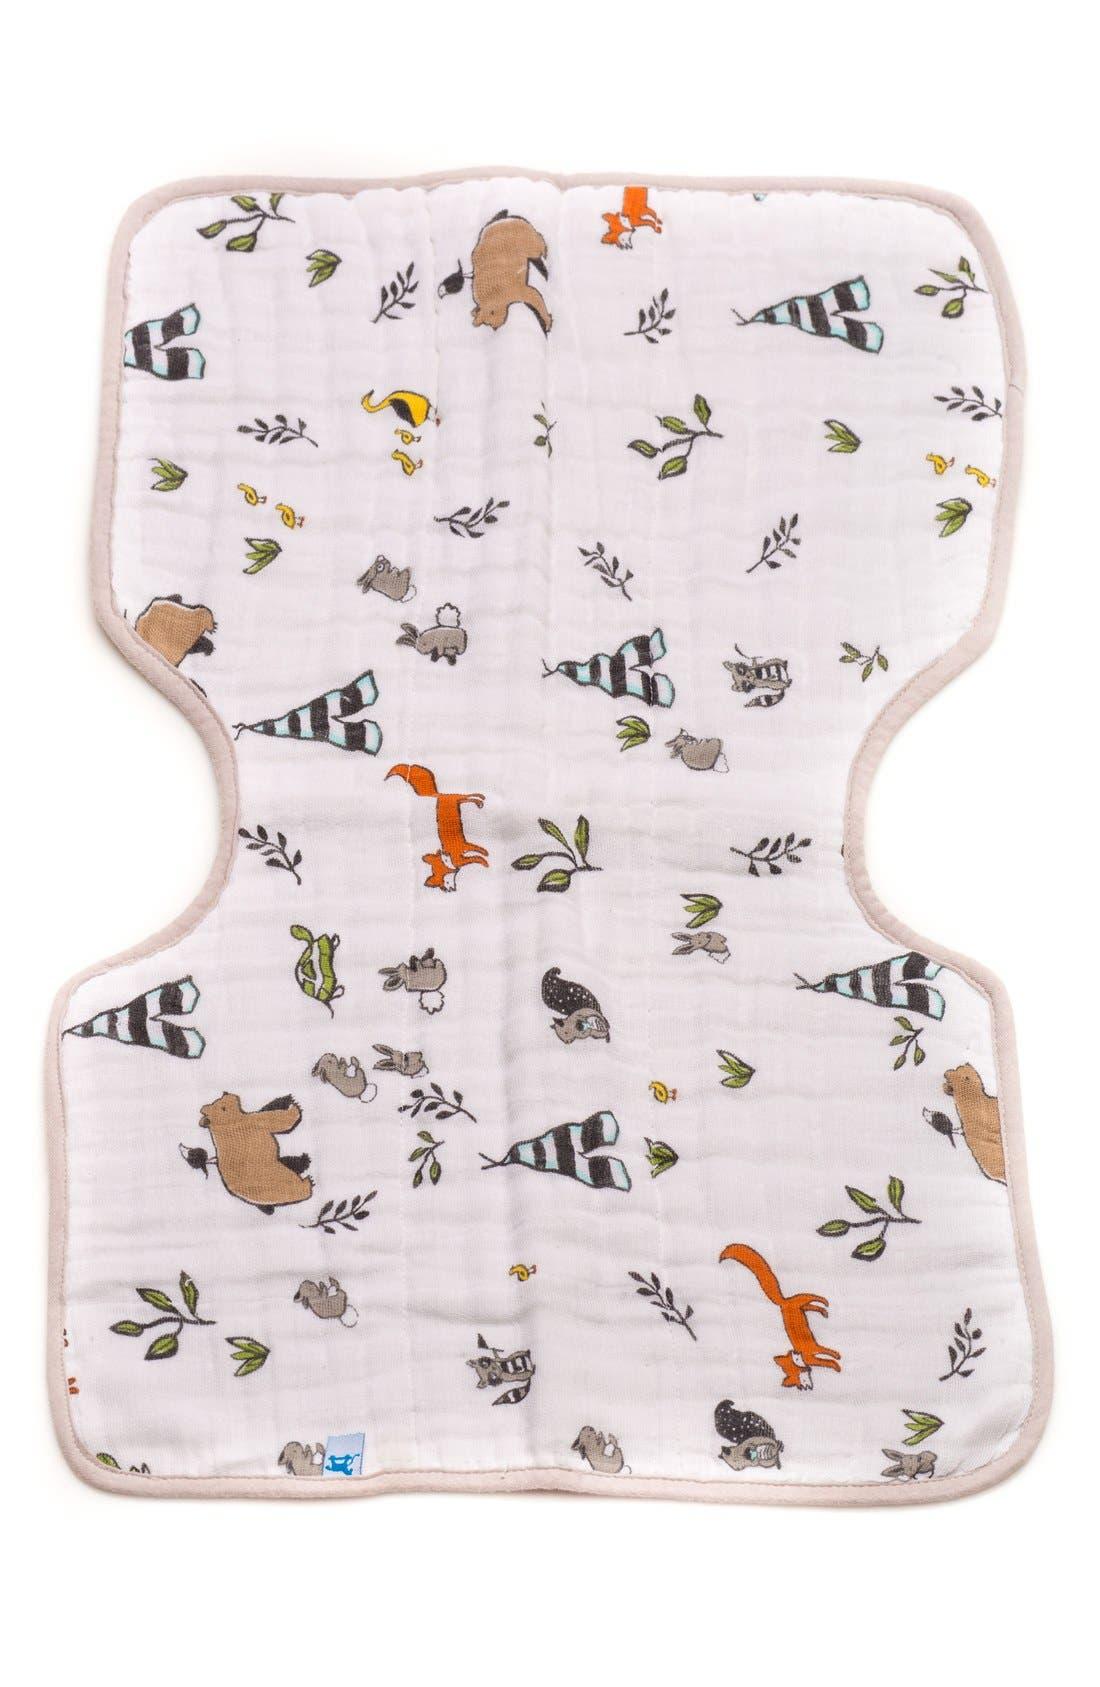 Alternate Image 1 Selected - little unicorn Cotton Muslin Burp Cloth